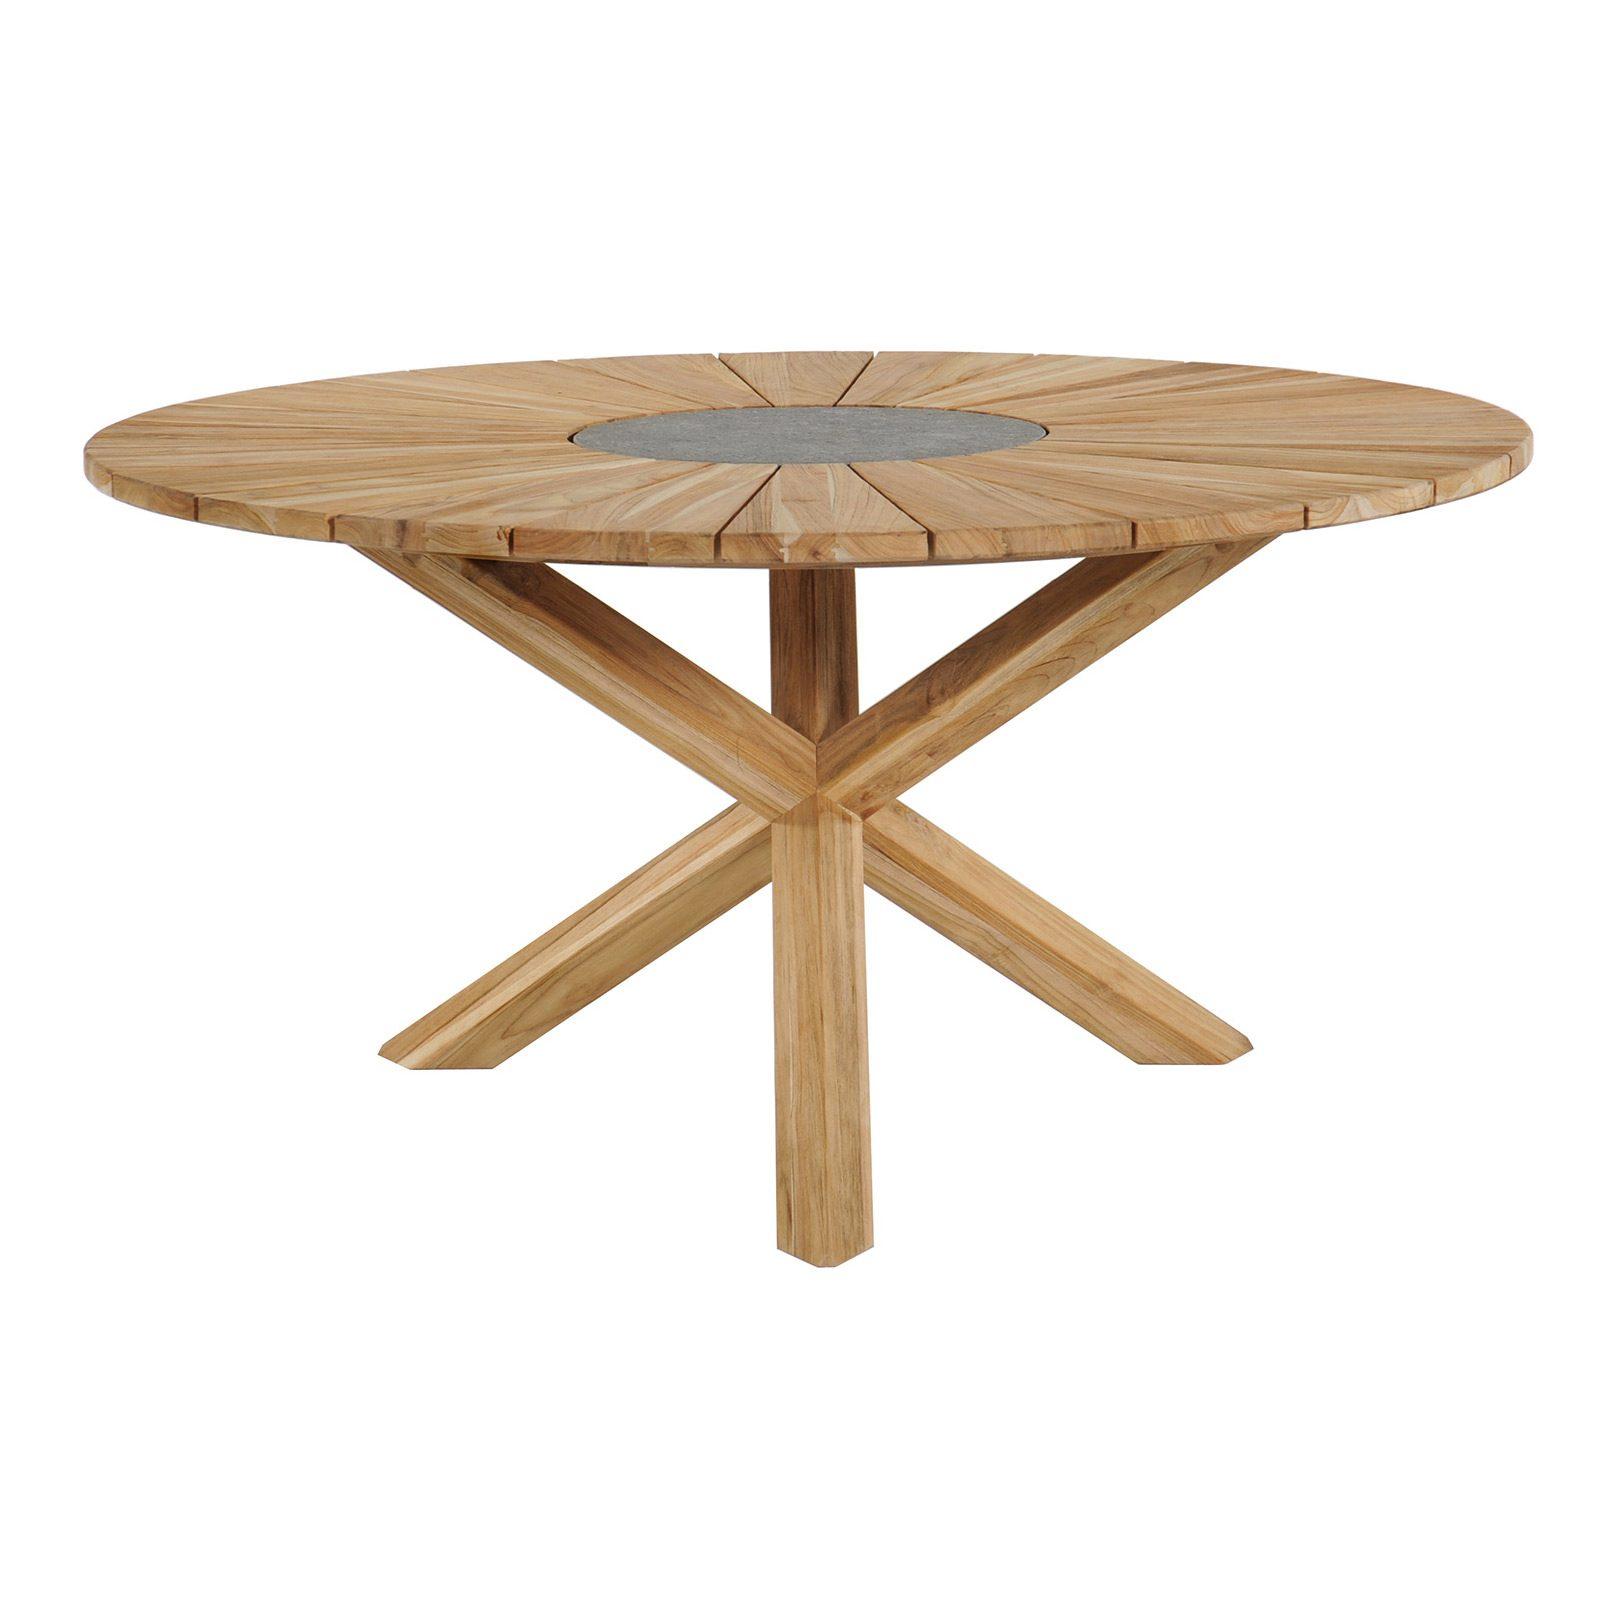 Sunburst matbord i teak med diameter 135 cm.